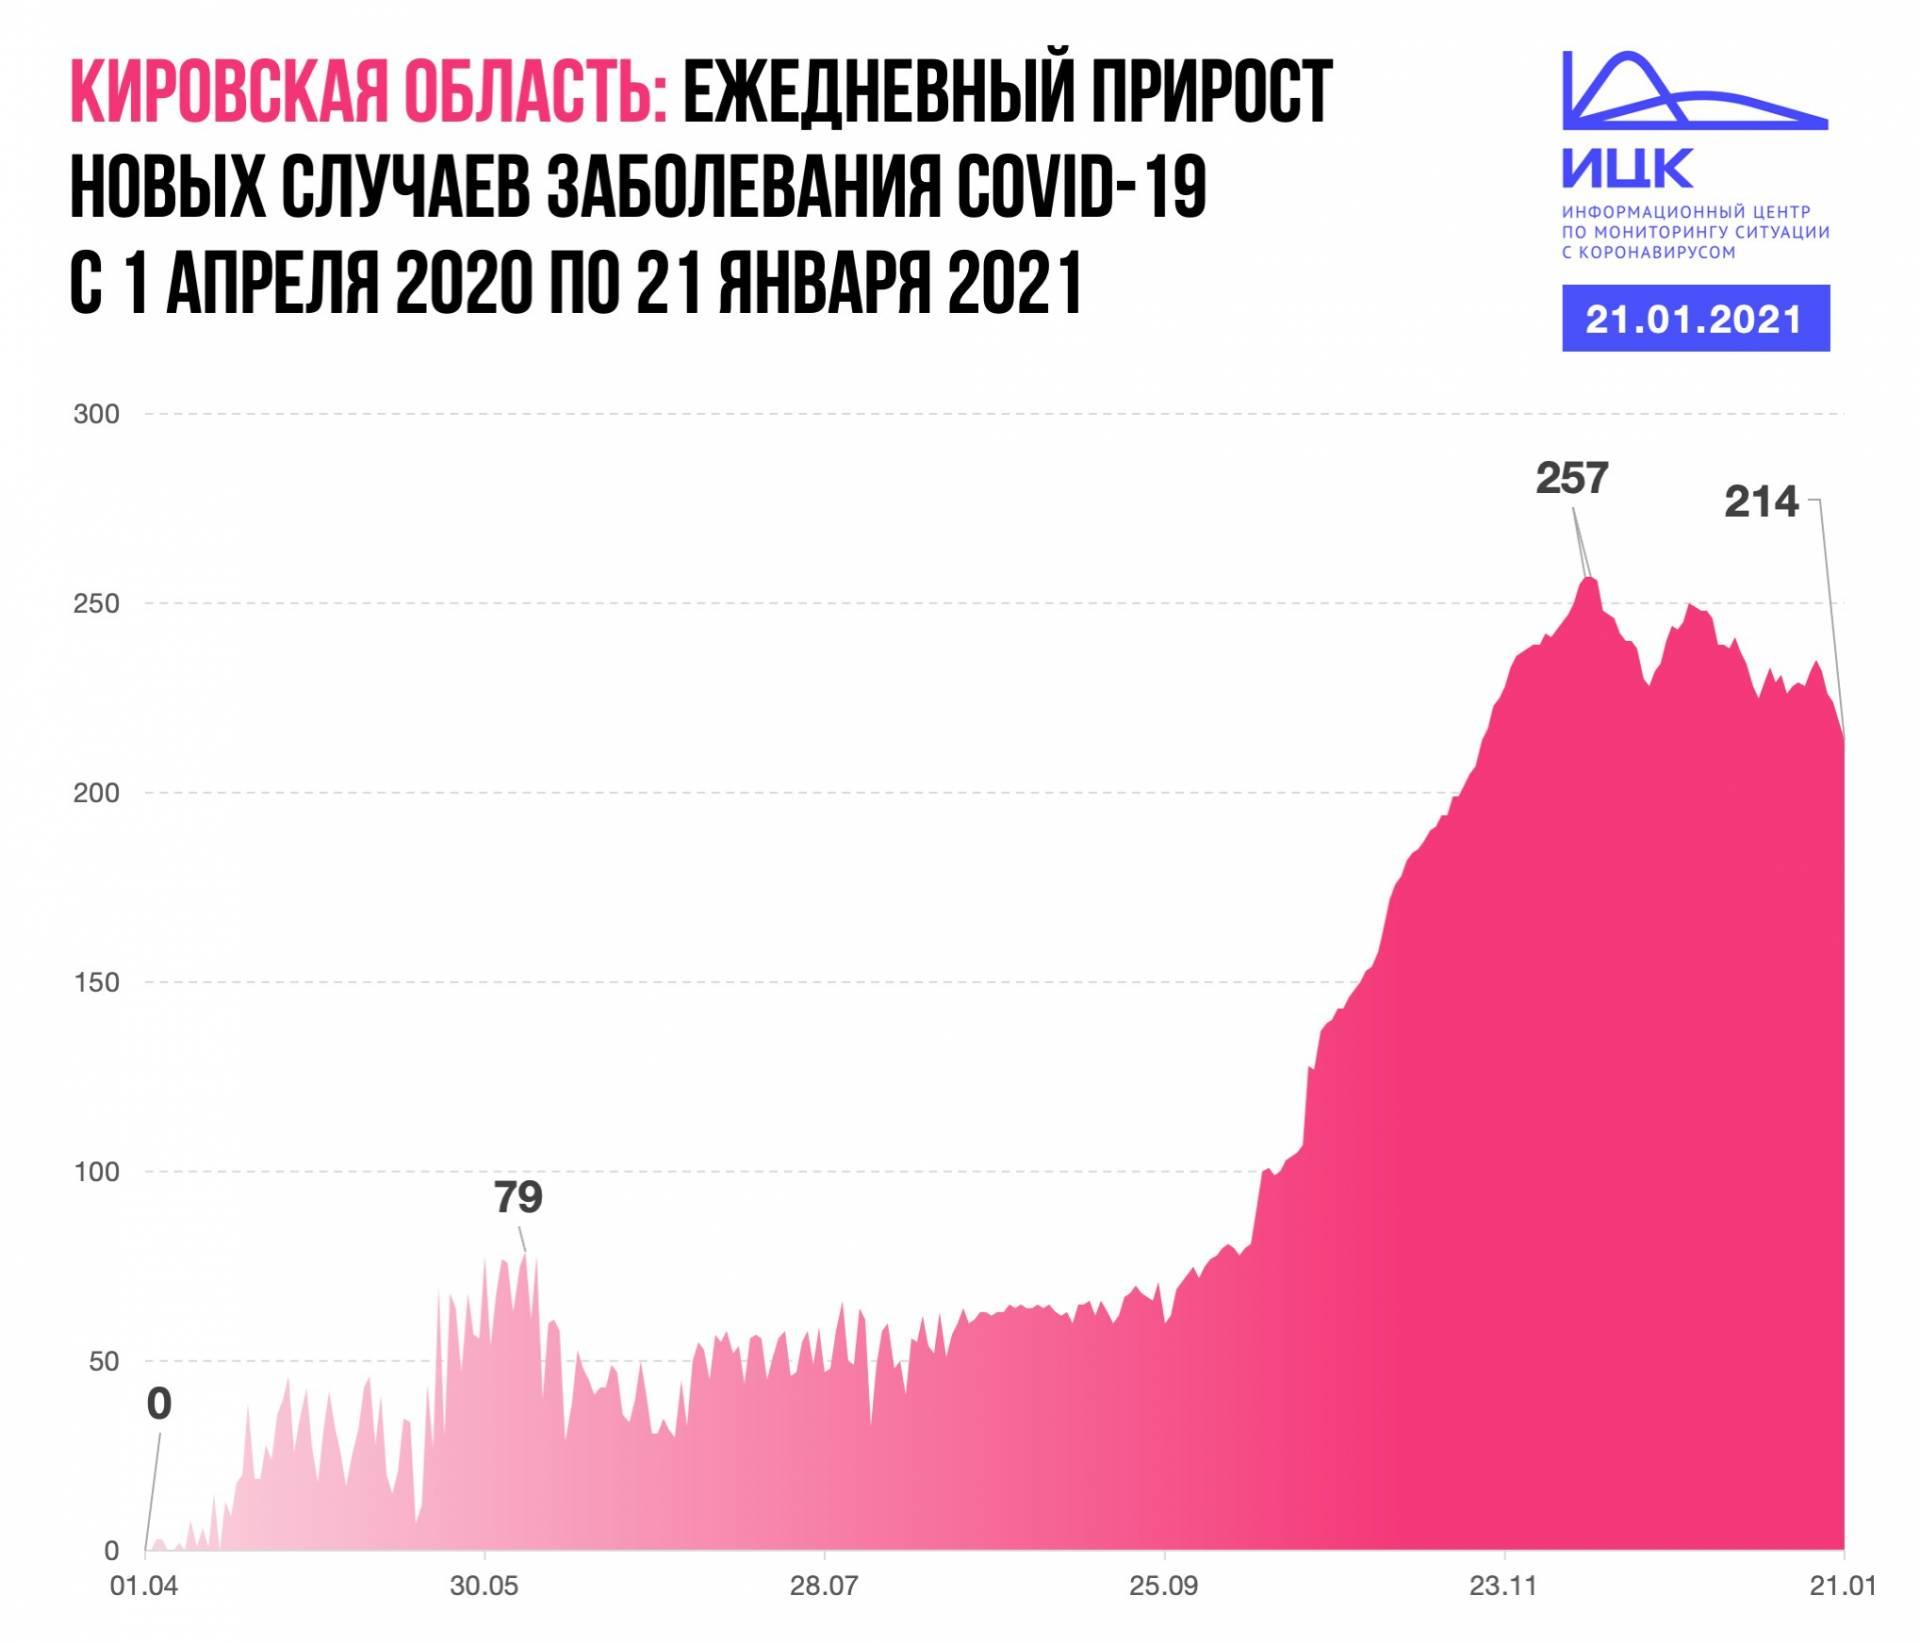 В Кировской области снижается прирост случаев COVID-19